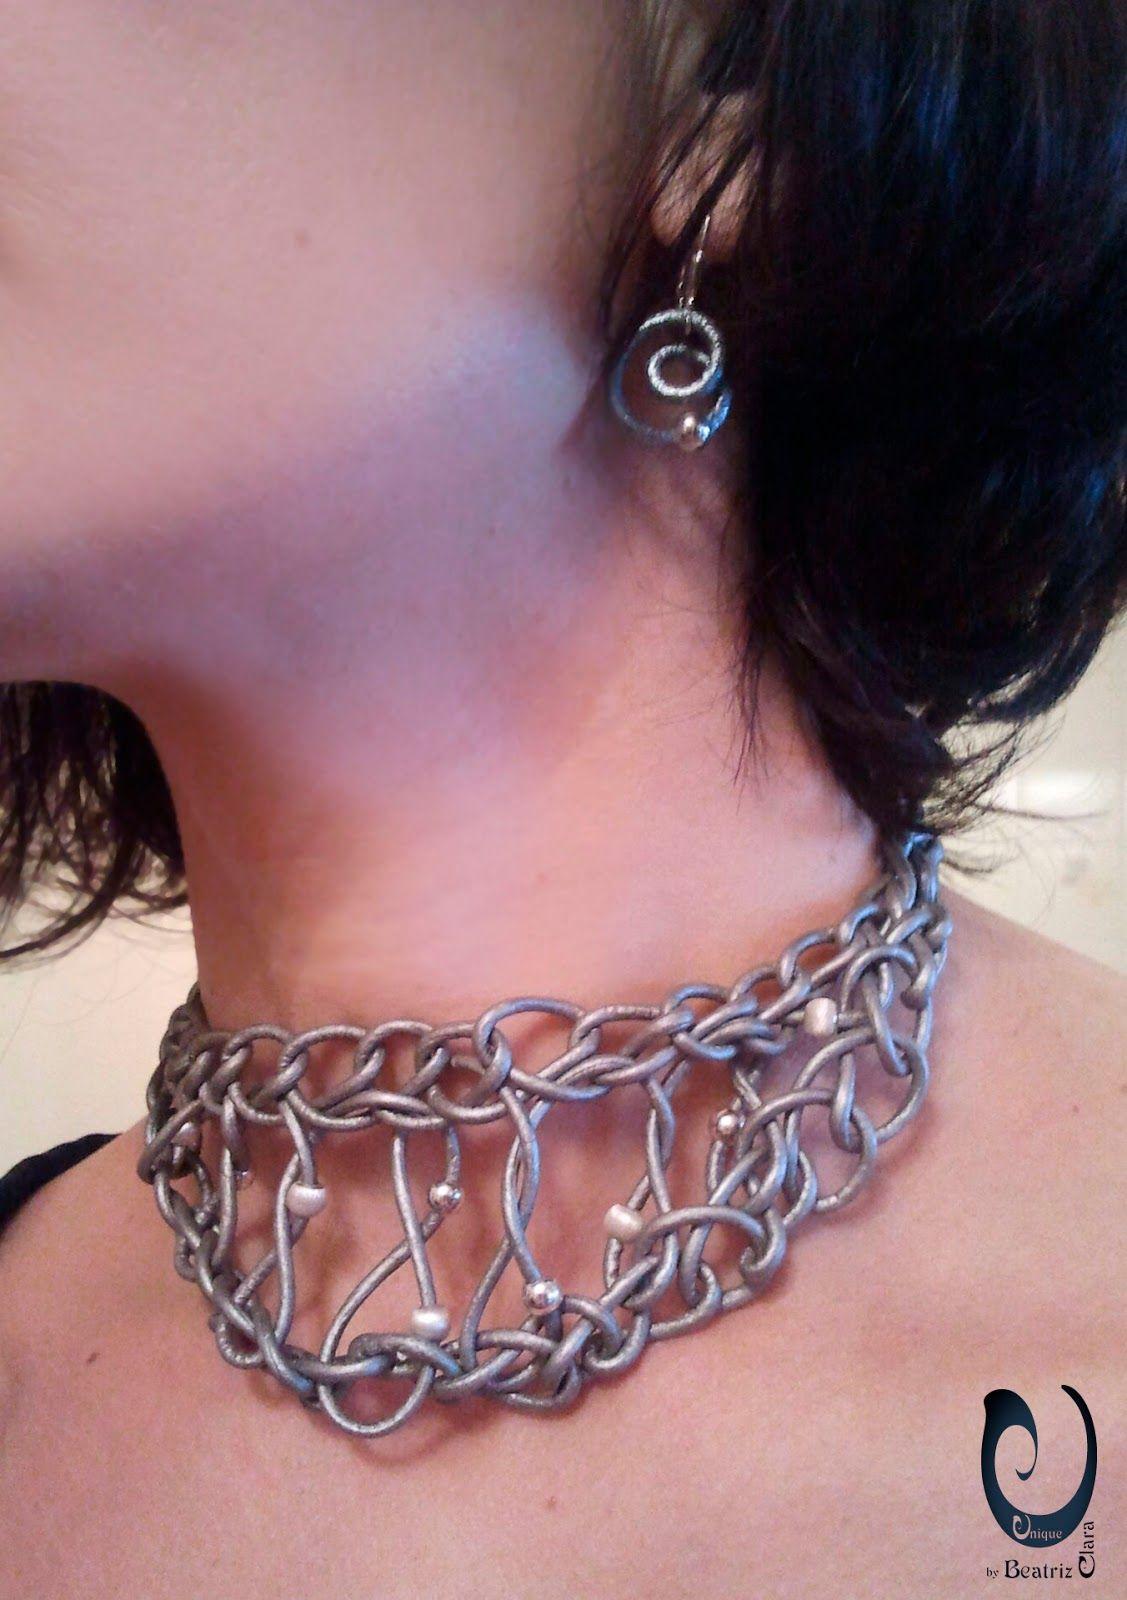 856c249d4133 Diseño de joyería artesanal y bisutería original.Piezas únicas realizadas  con perlas cultivadas